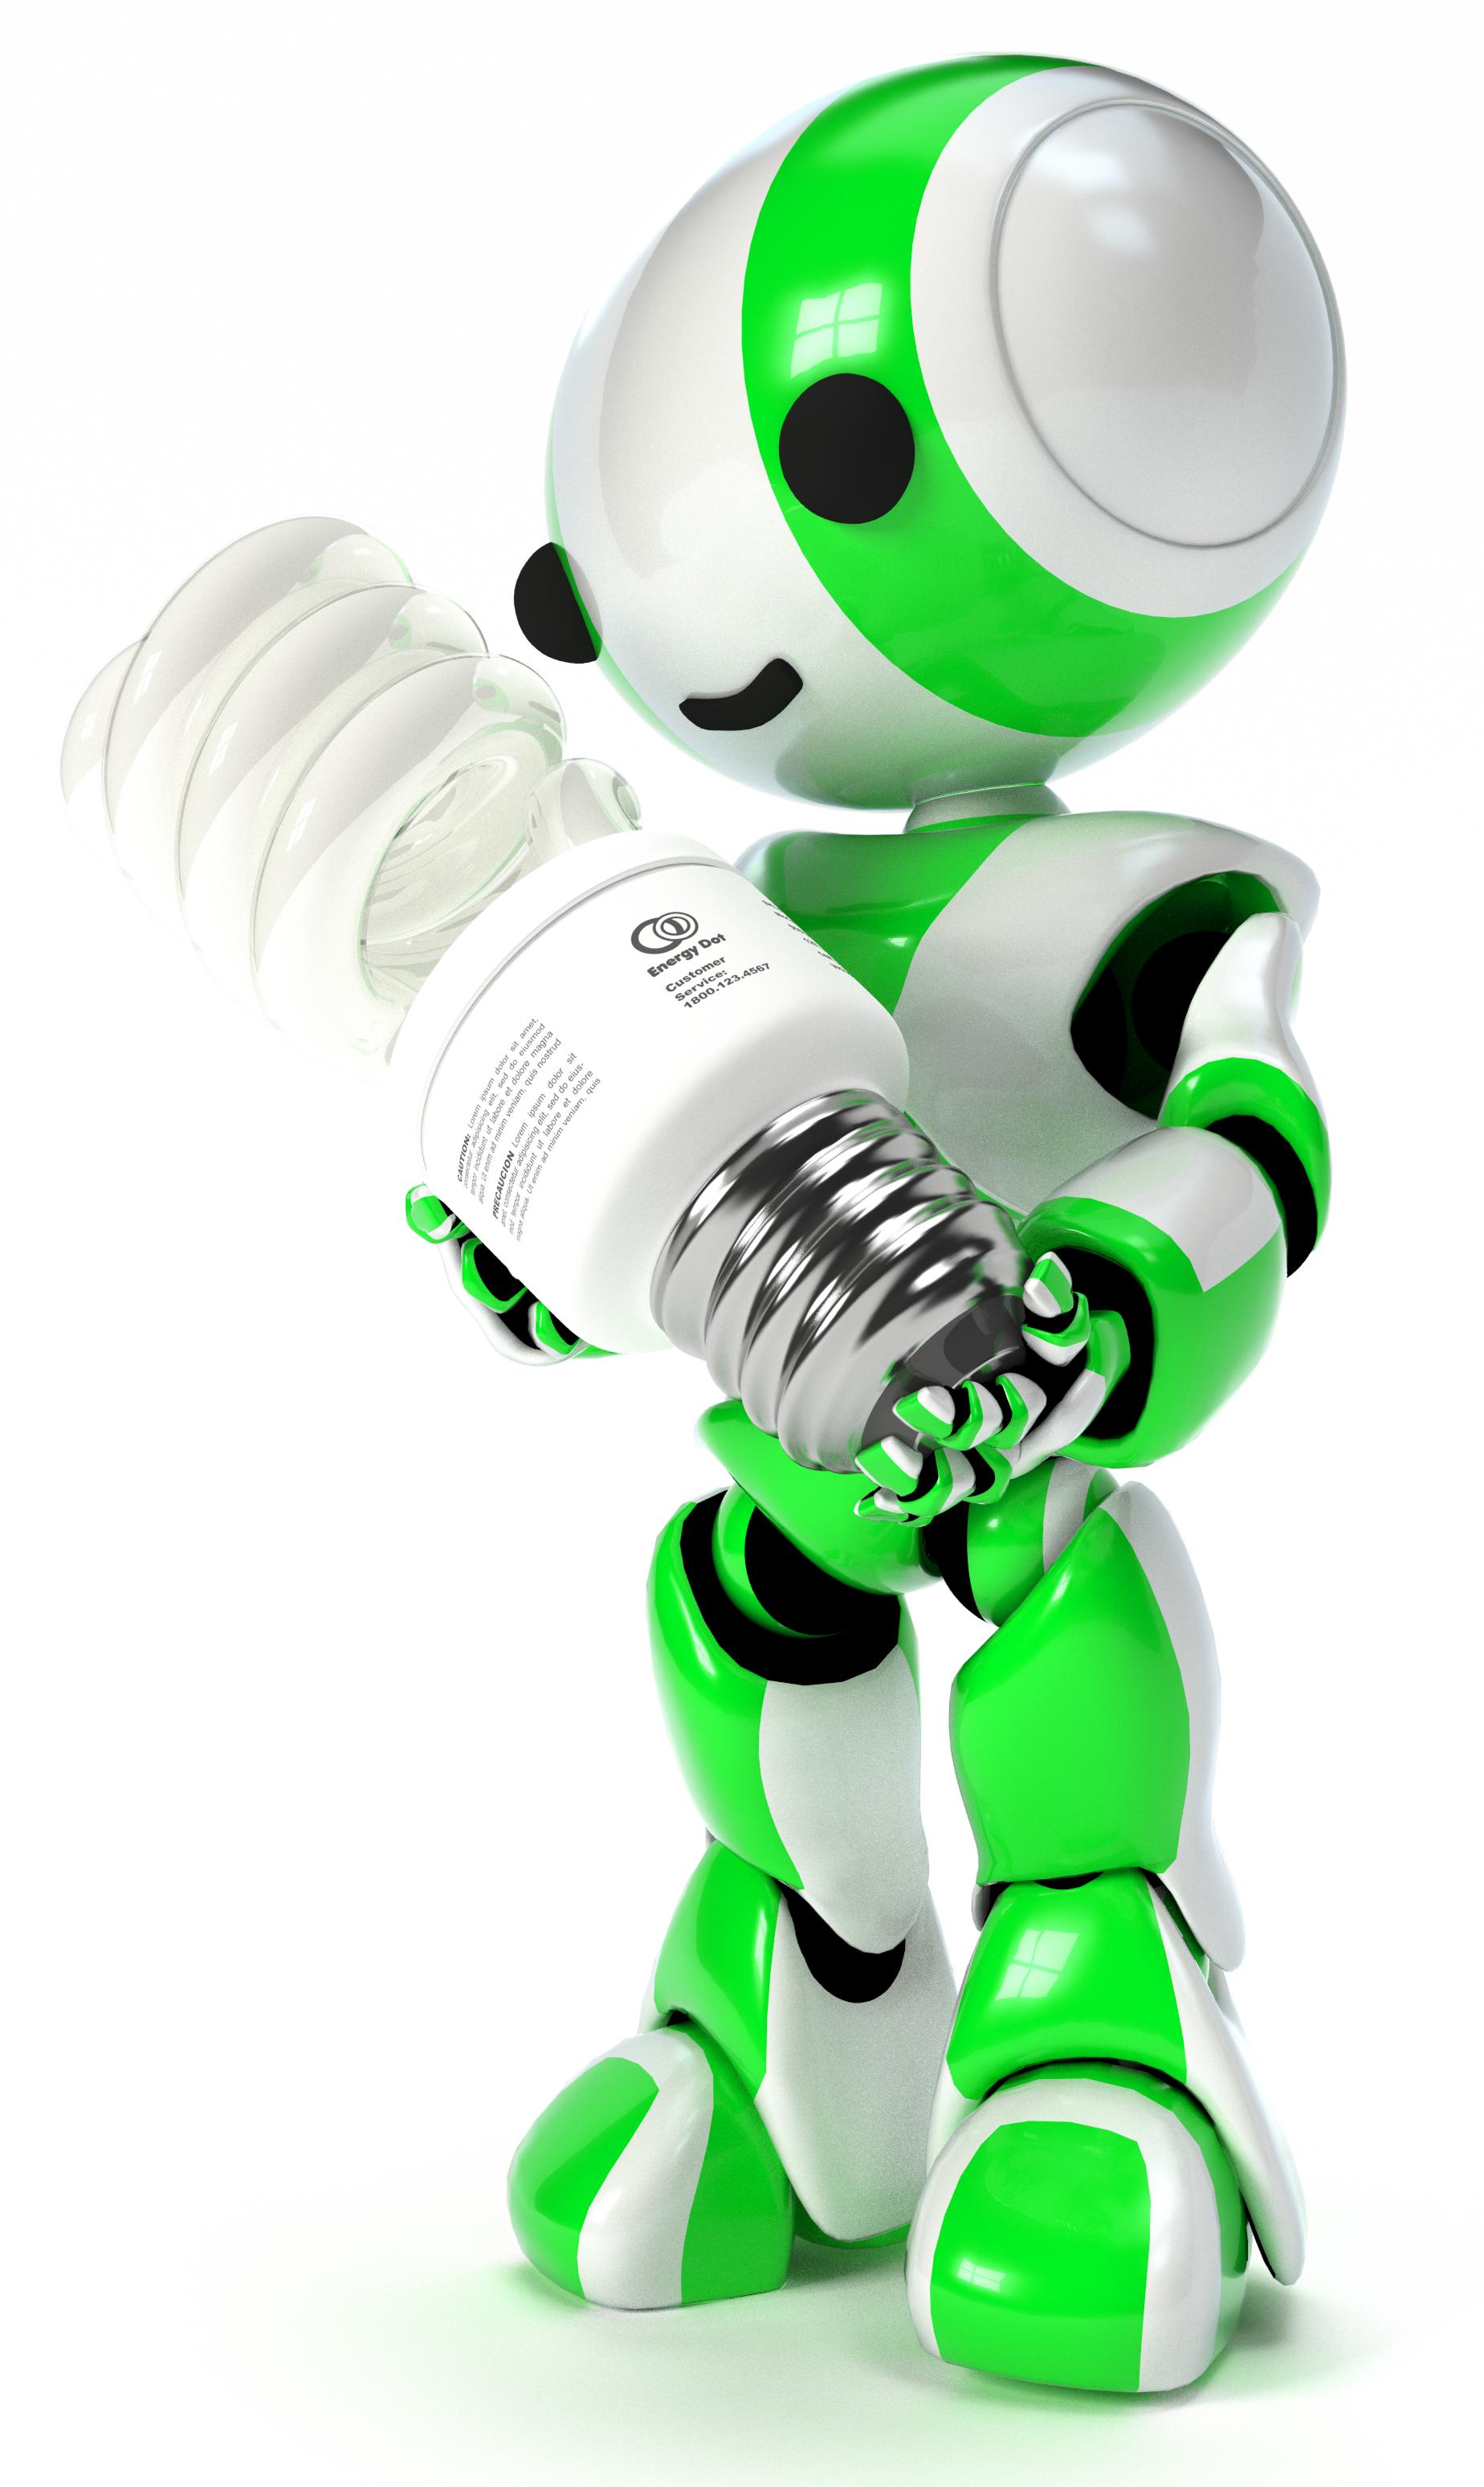 clip art illustration of robot clipart panda free clipart images rh clipartpanda com robot clip art for kids robot clip art animated